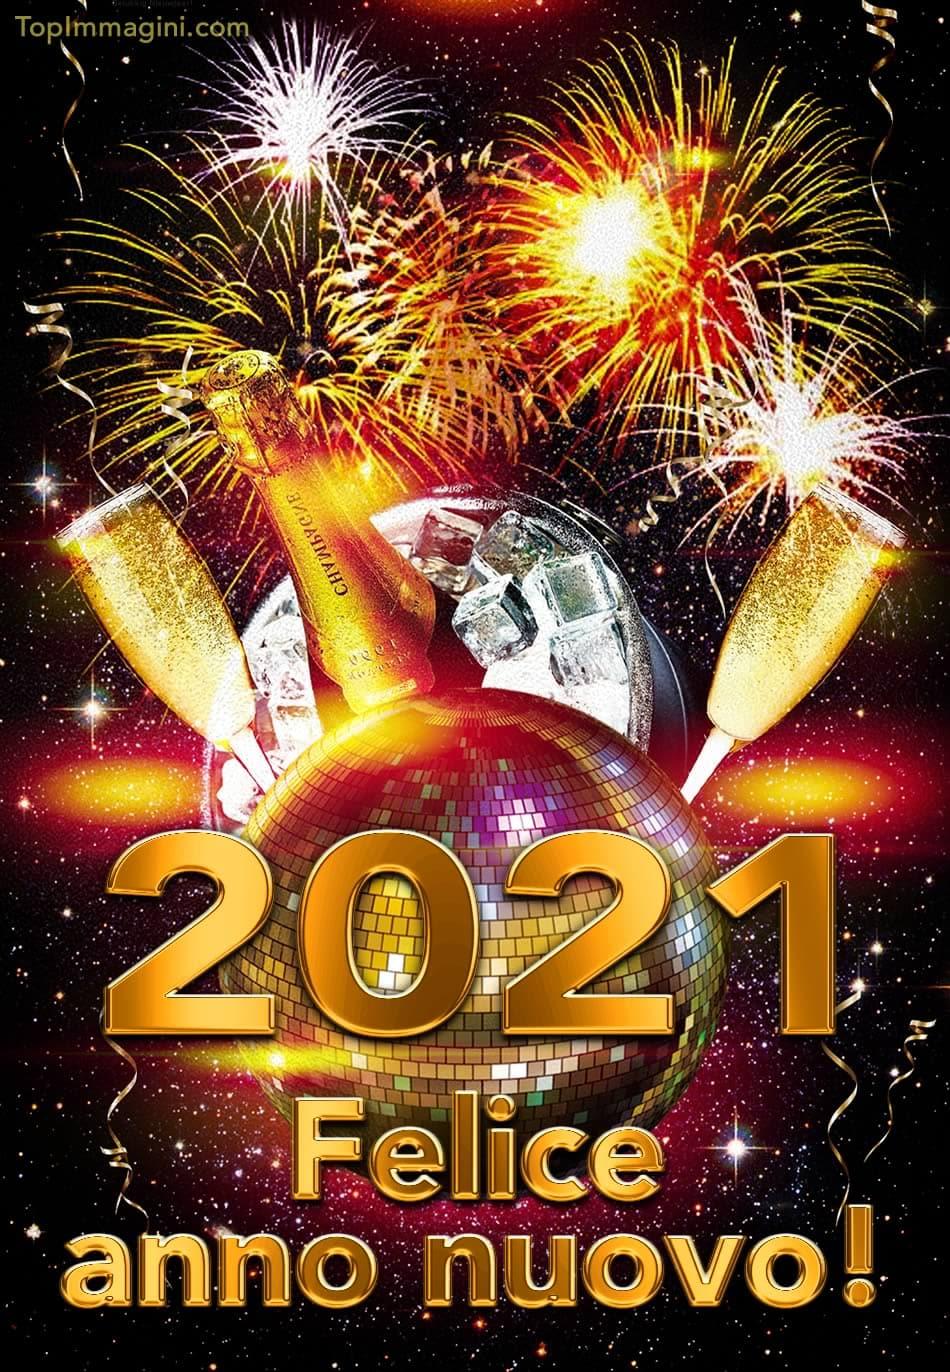 2021 Felice anno nuovo!